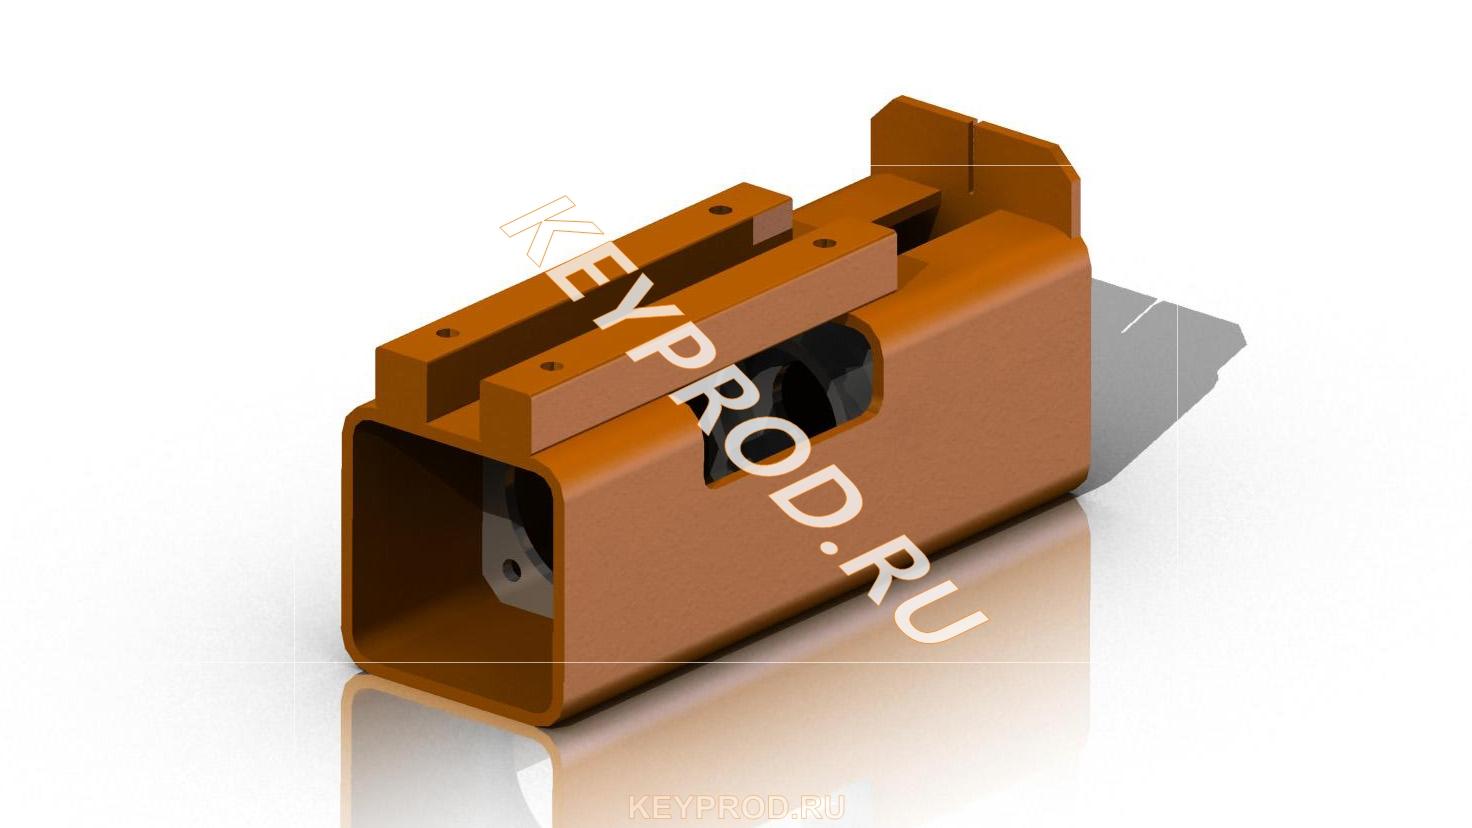 Основание электролобзика 3D-модель чертежи